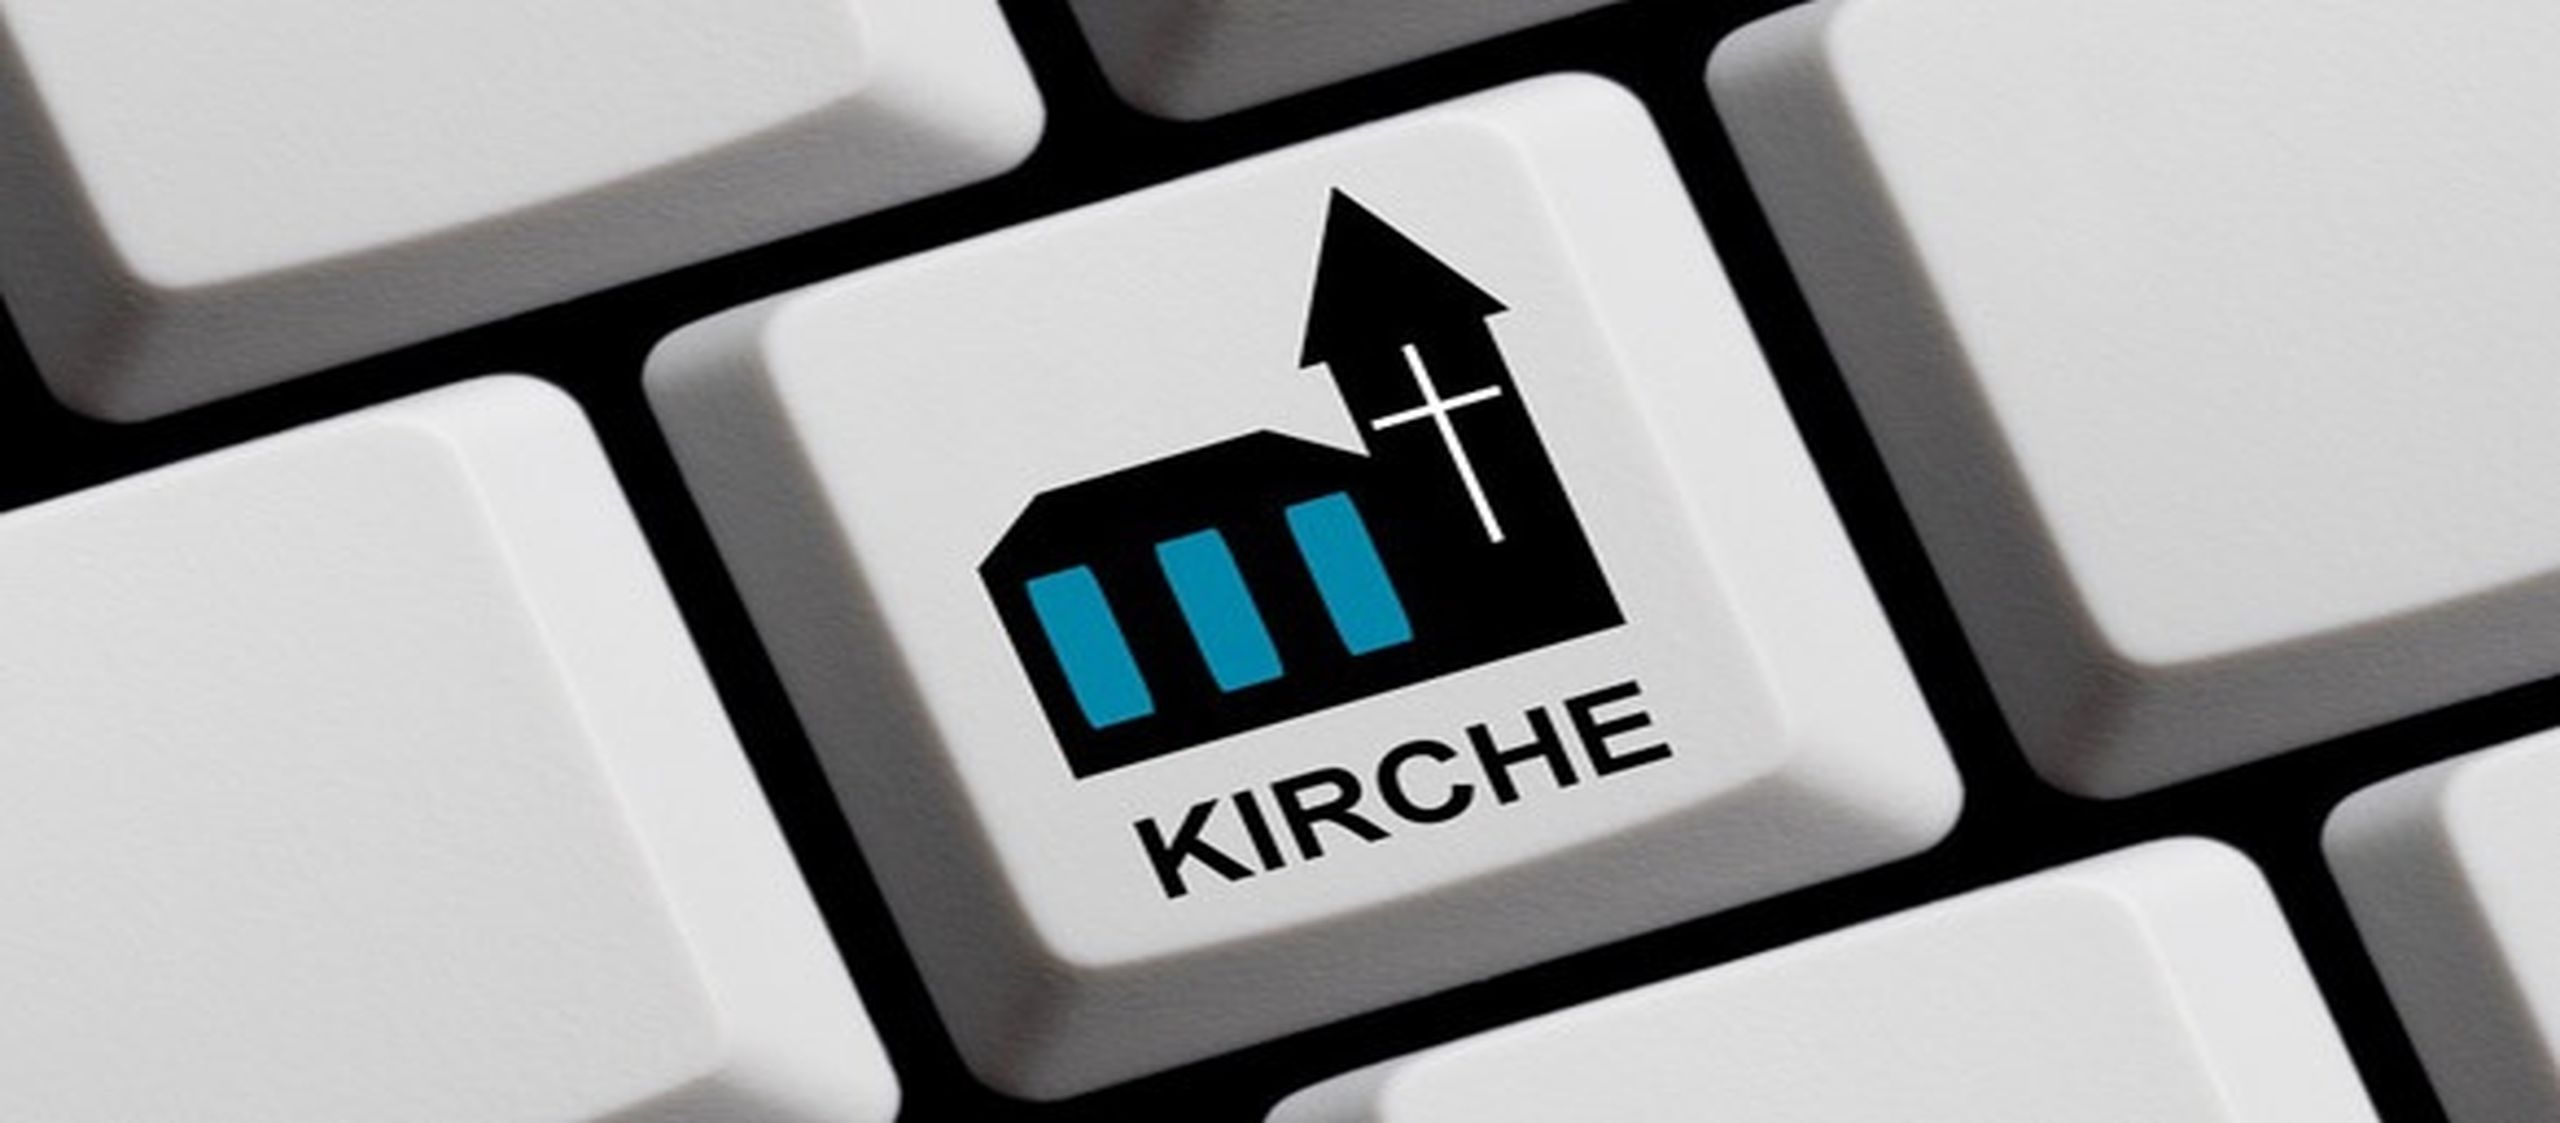 Kirche im Netz